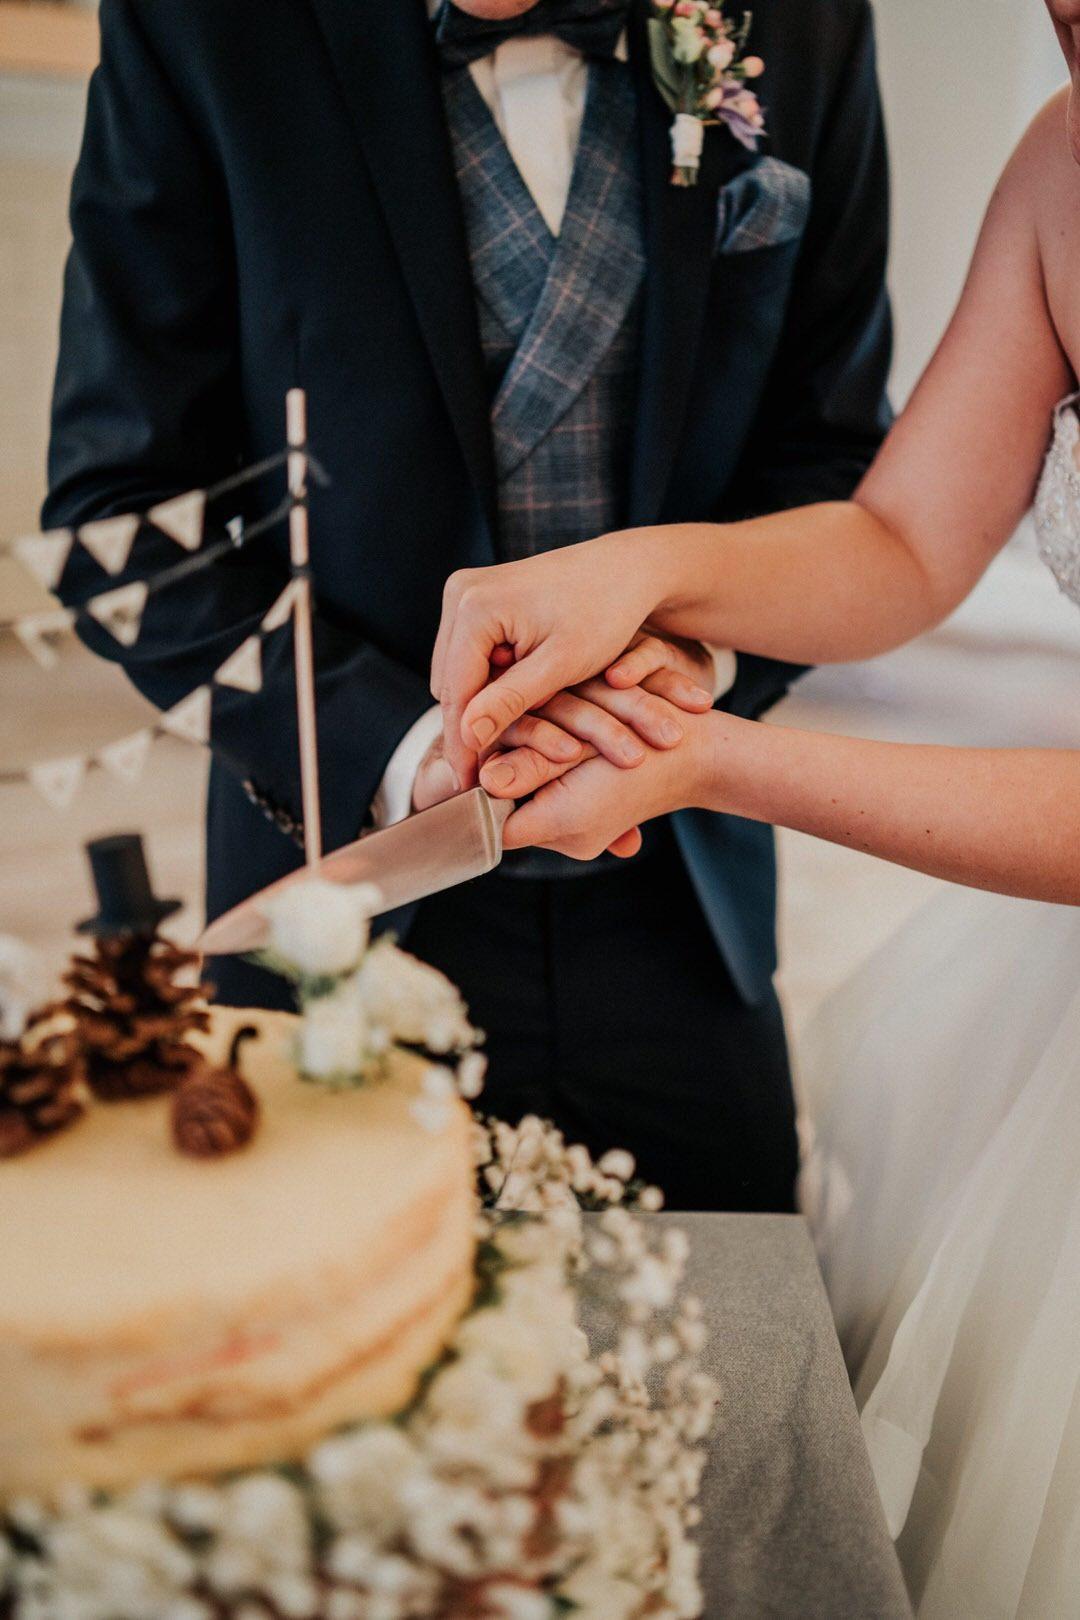 Anschneiden der winterlichen Hochzeitstorte durch das Brautpaar